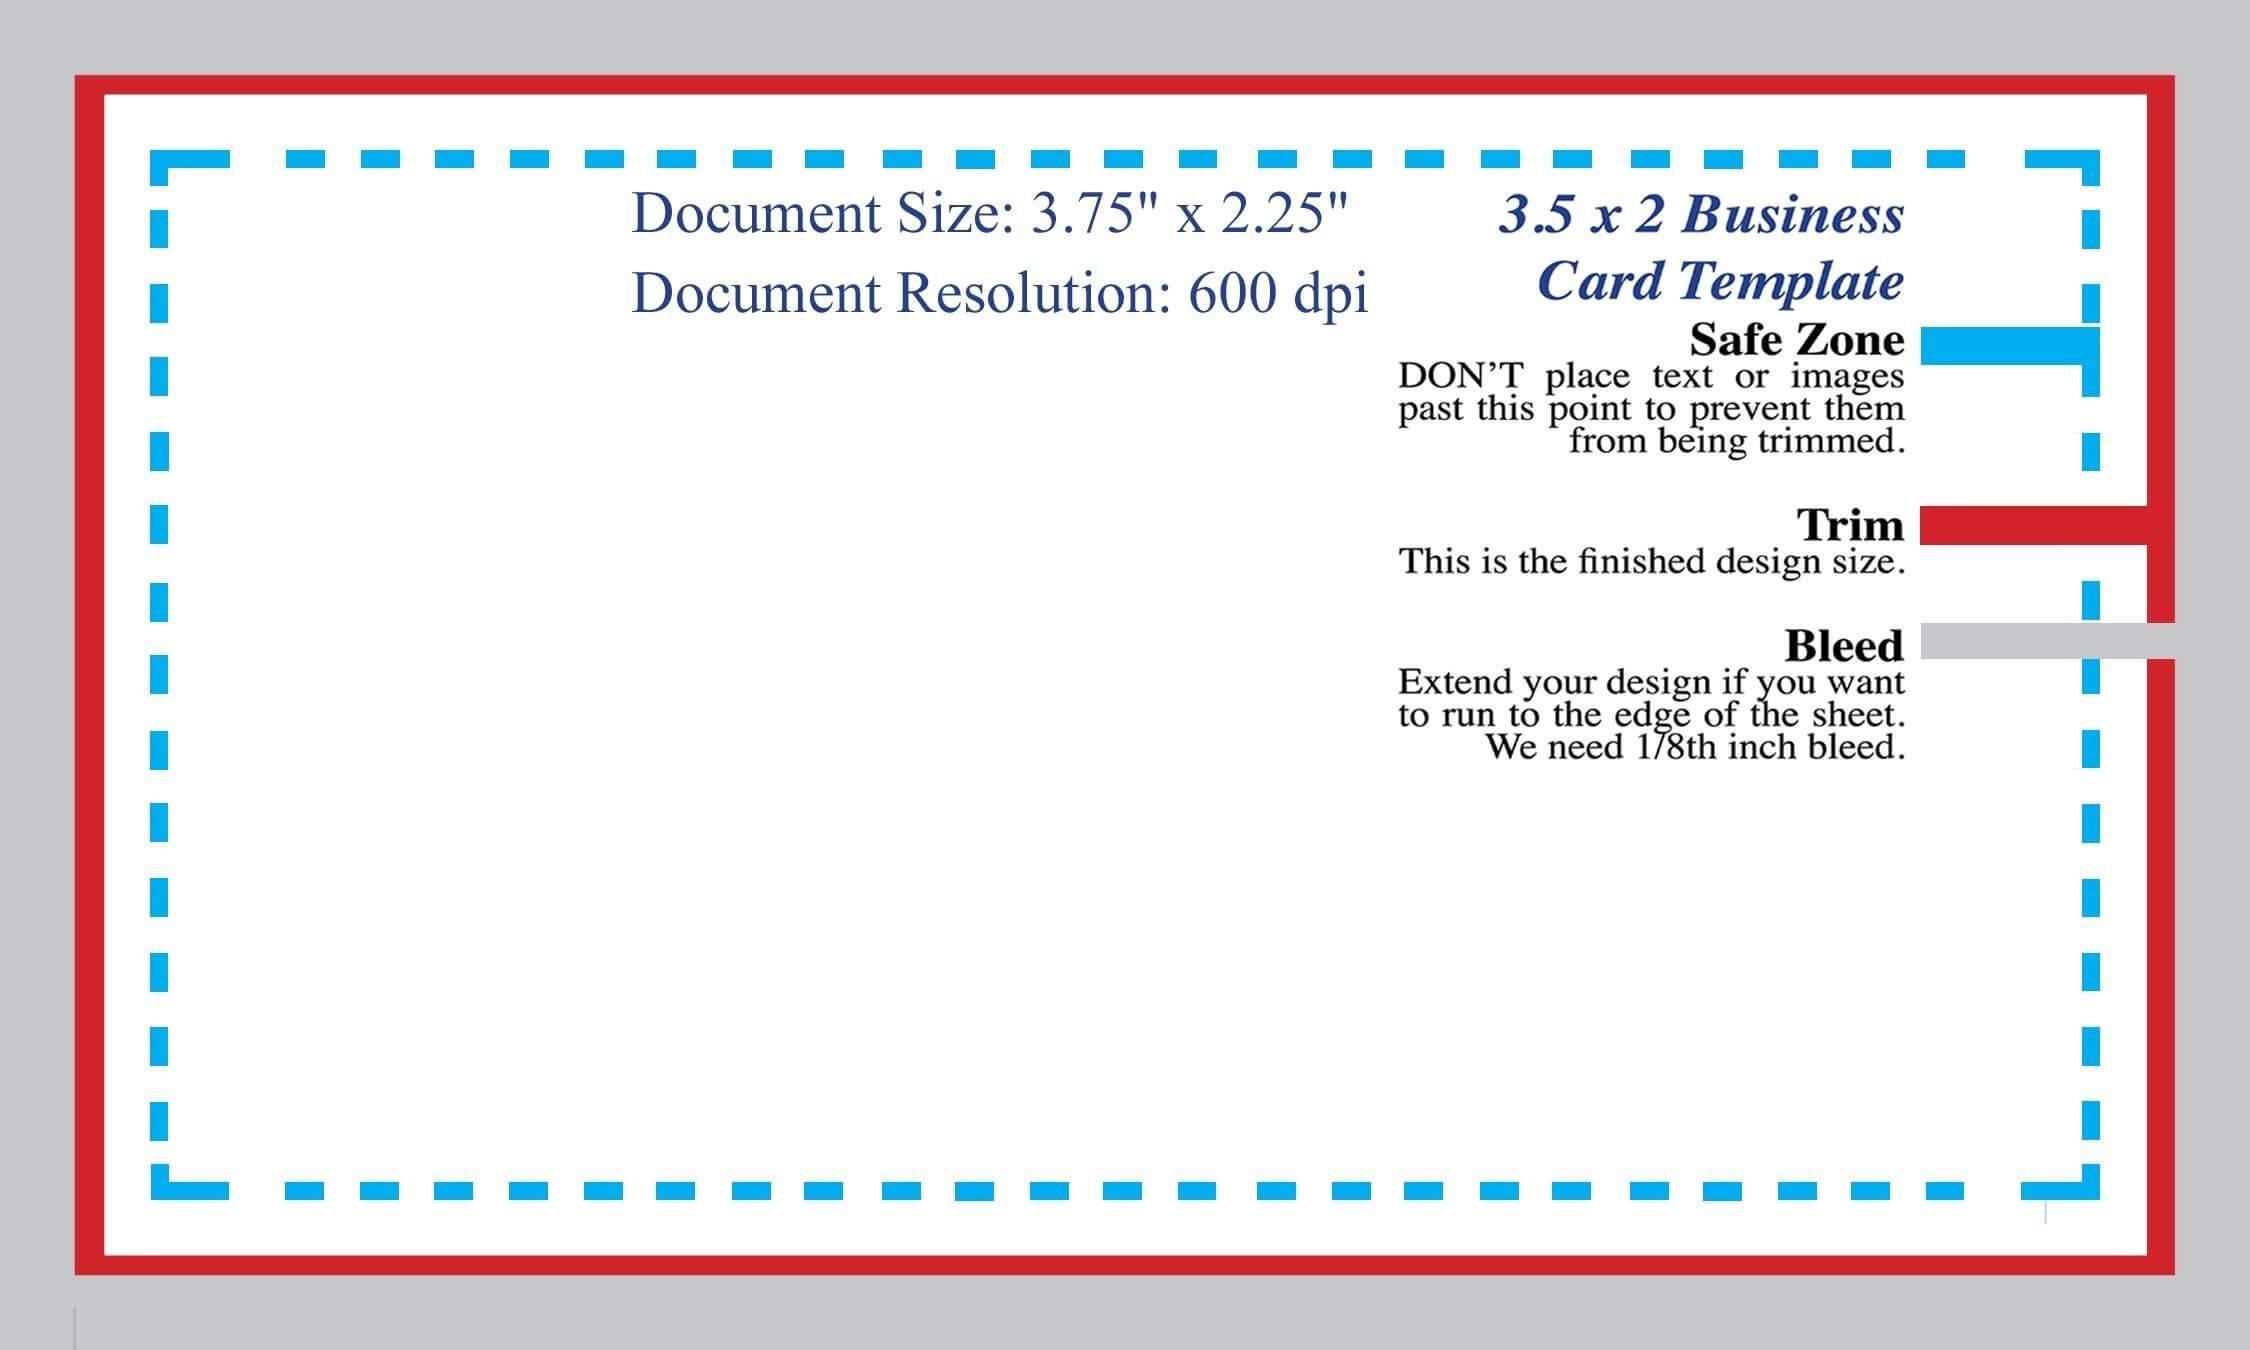 015 Template Ideas Blank Business Card Psd Fantastic In Business Card Size Psd Template